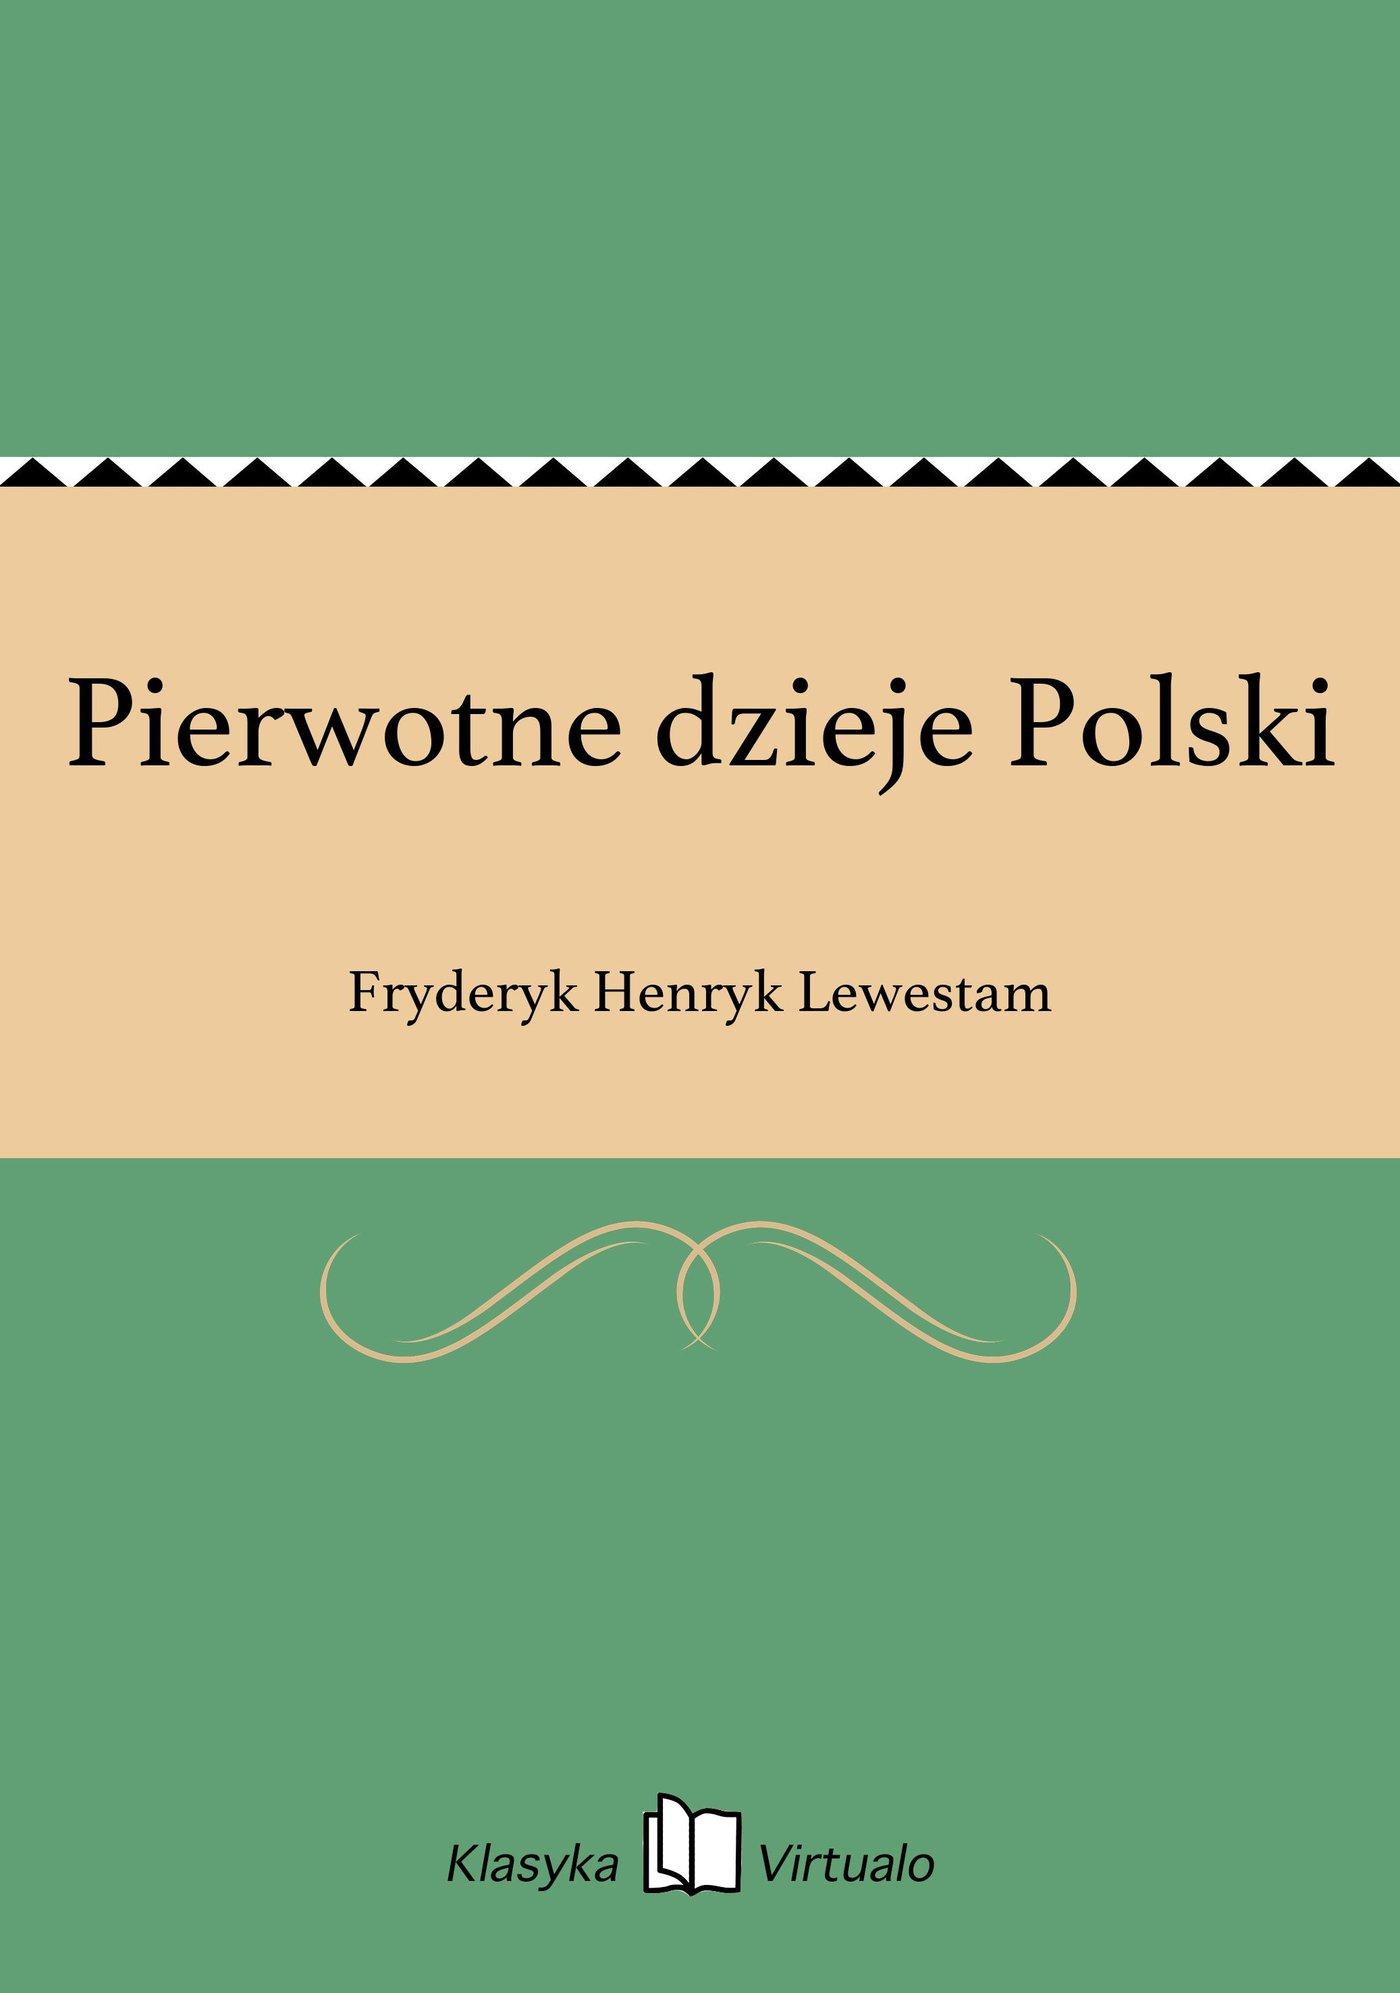 Pierwotne dzieje Polski - Ebook (Książka EPUB) do pobrania w formacie EPUB